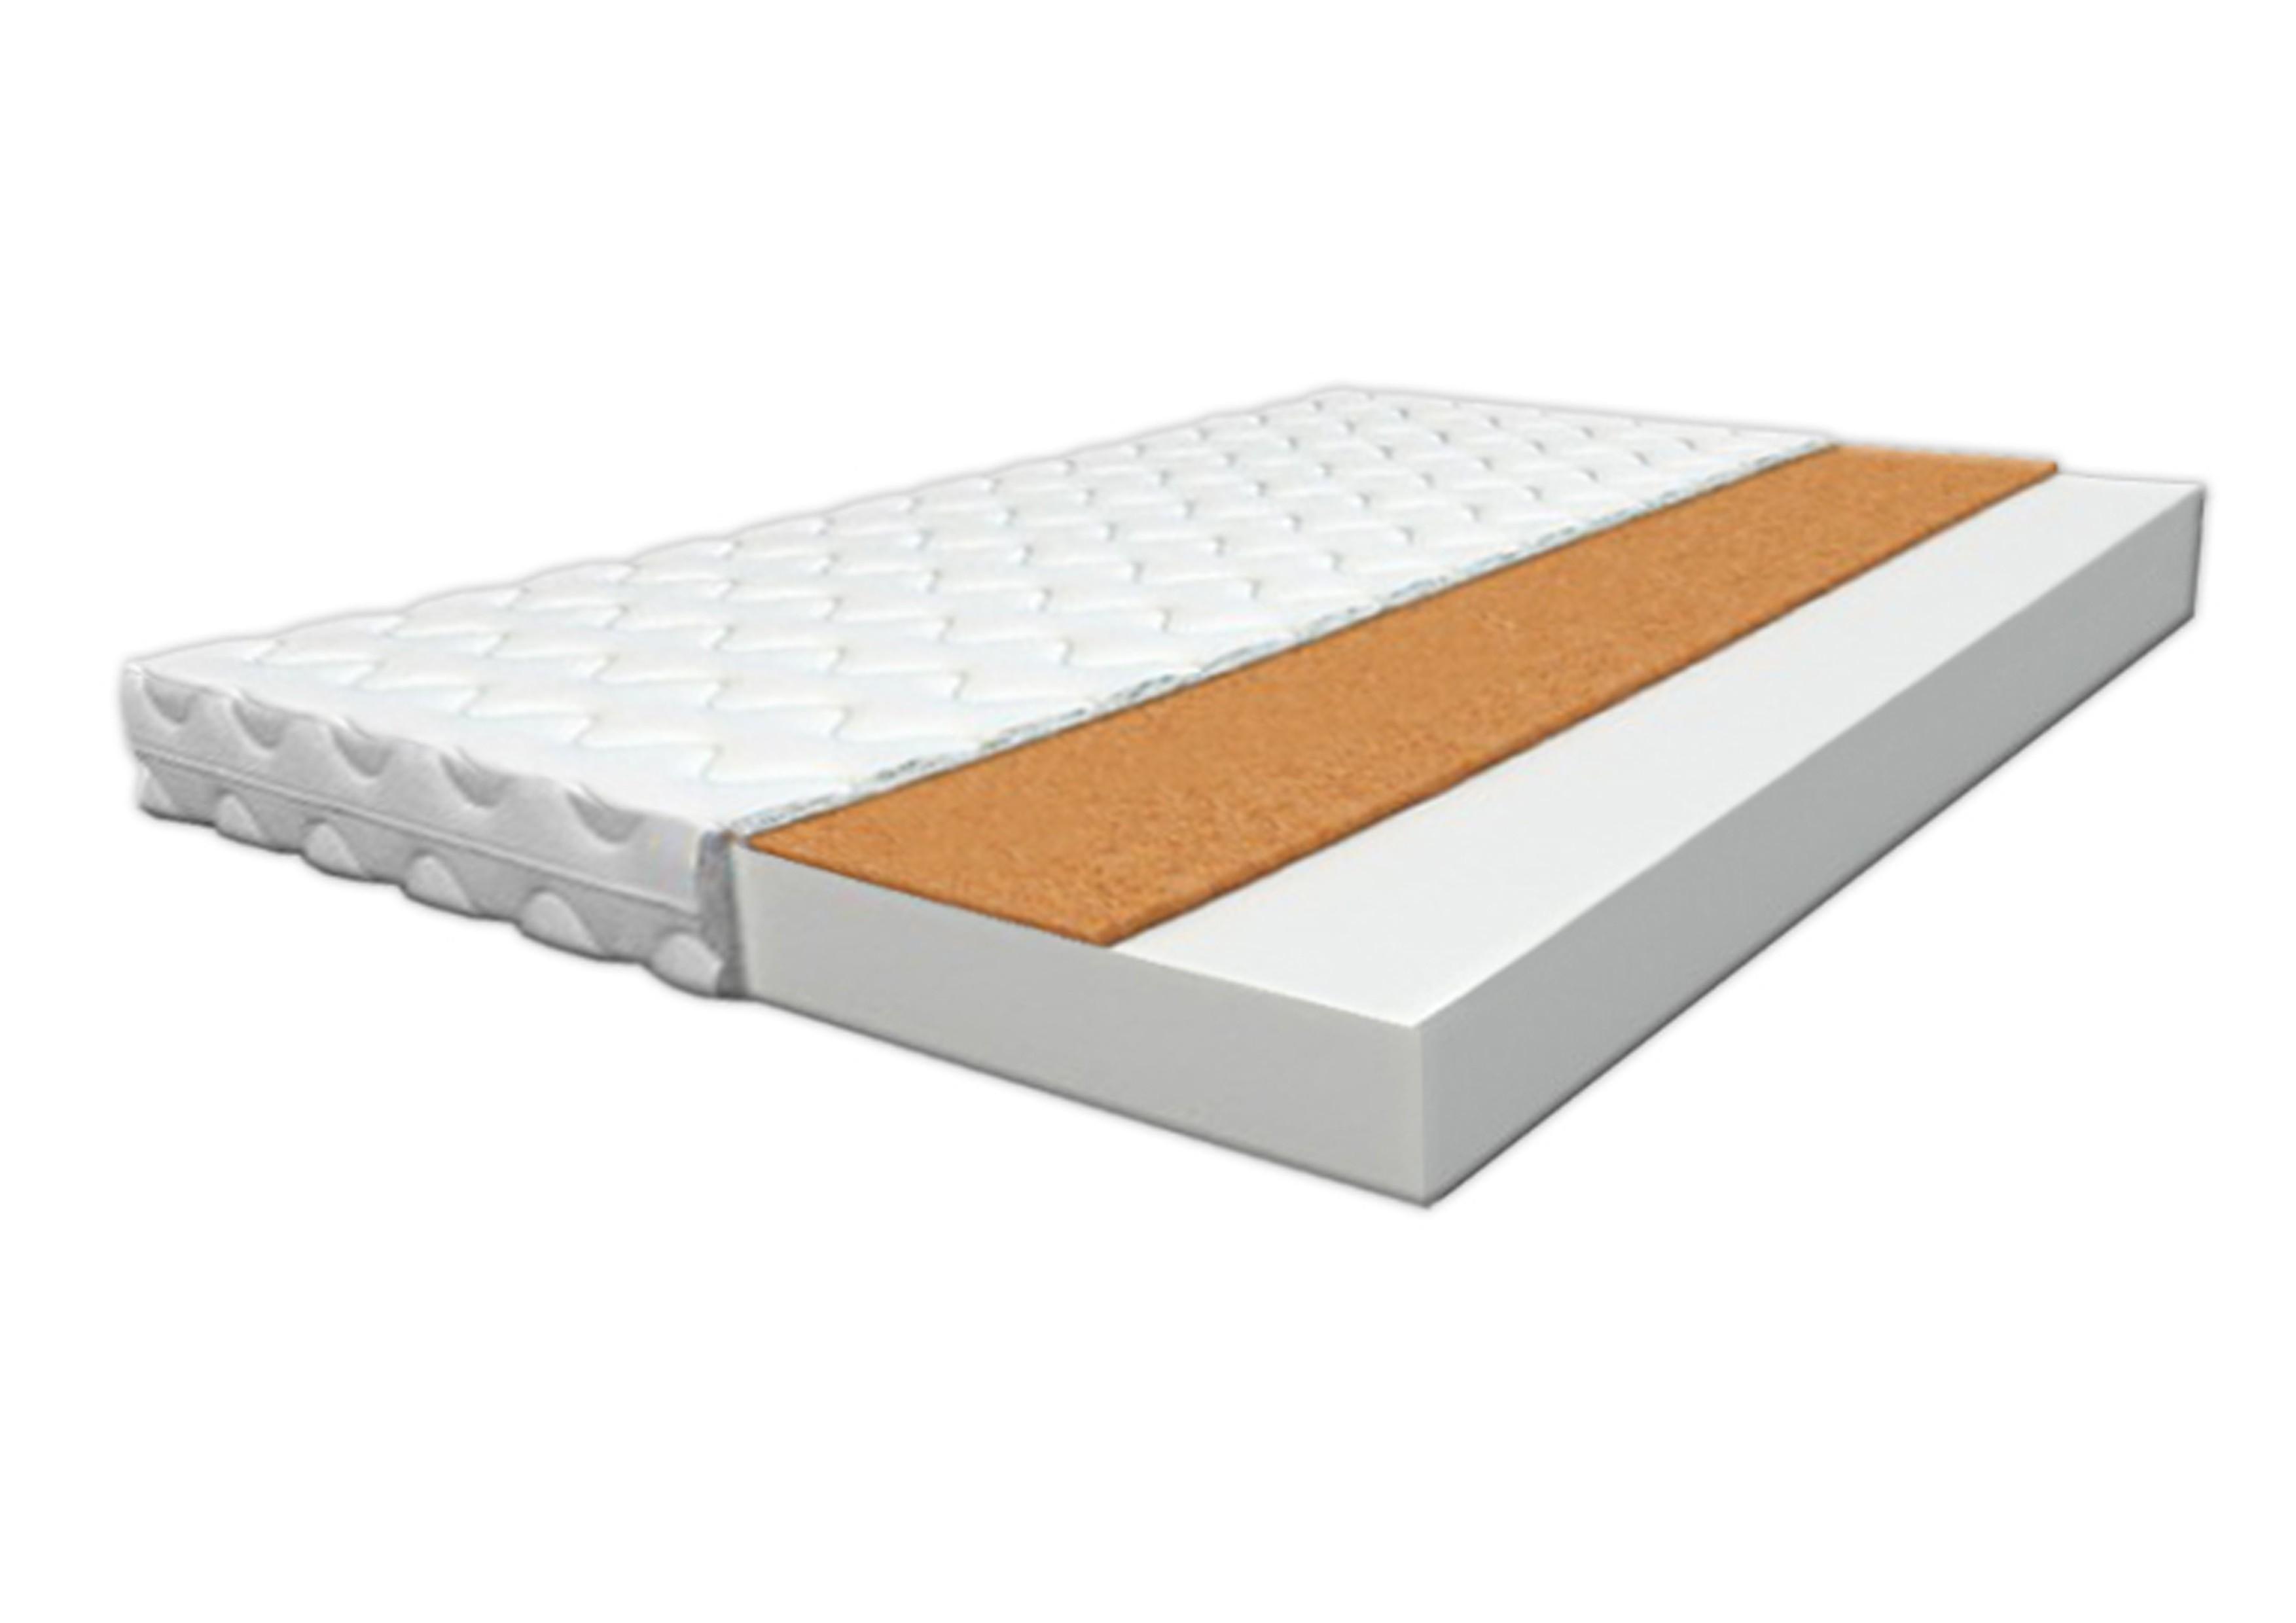 140 x 70 Childrens Beds Home Buckwheat Foam Coconut Fibre Mattress